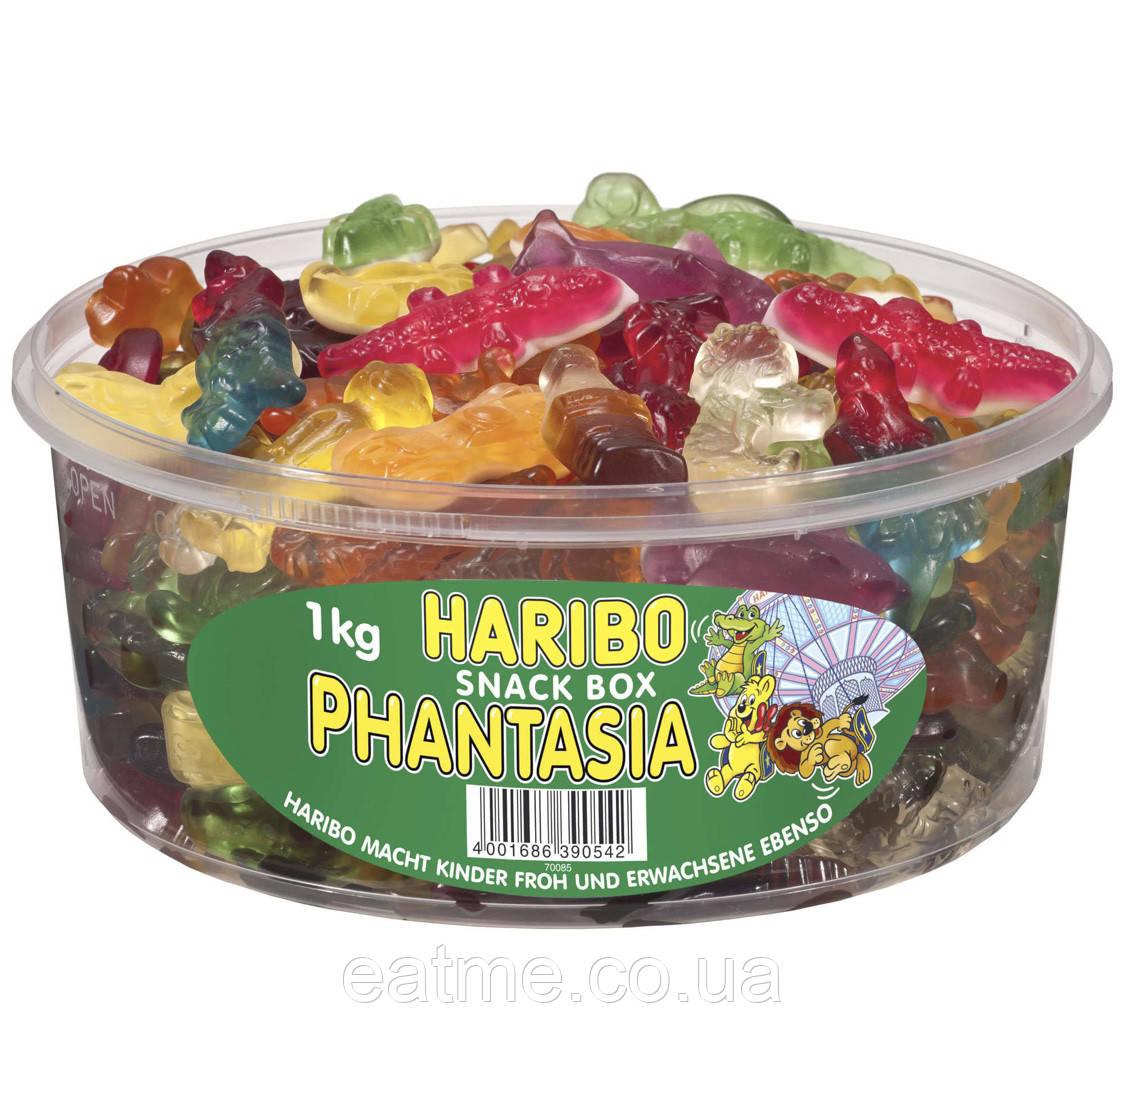 Haribo Phantasia Snack Box Желейные Конфеты с фруктовыми вкусами